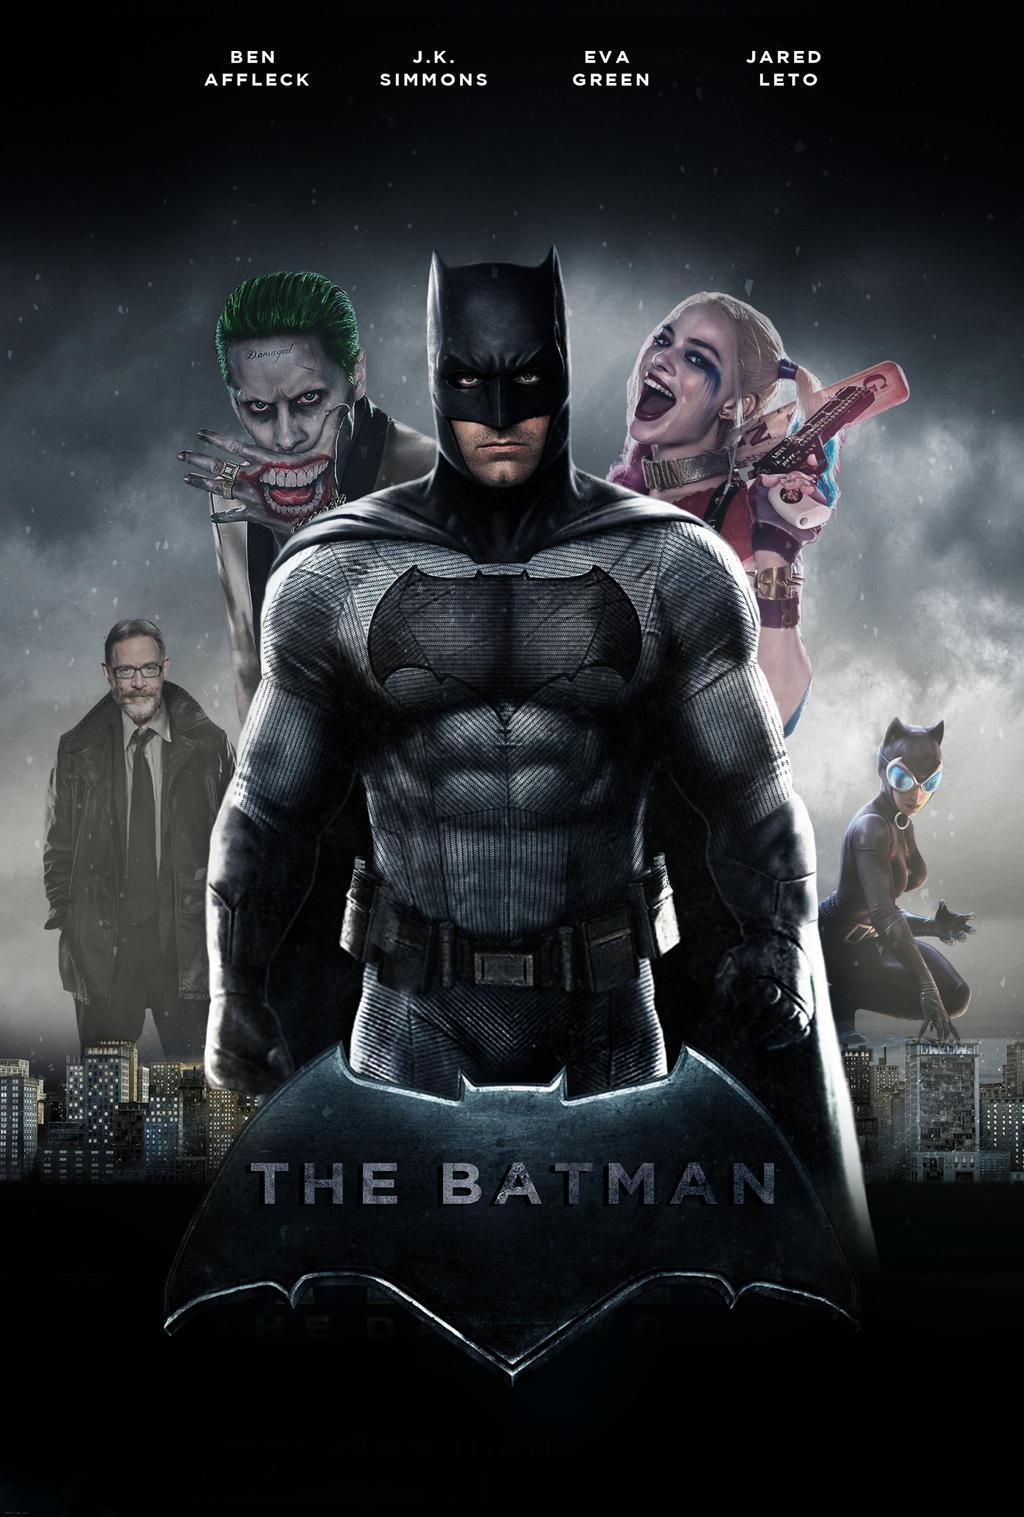 Бэтмен 2018 : Дата Выхода, Актеры, Трейлер Когда выйдет в HD качестве